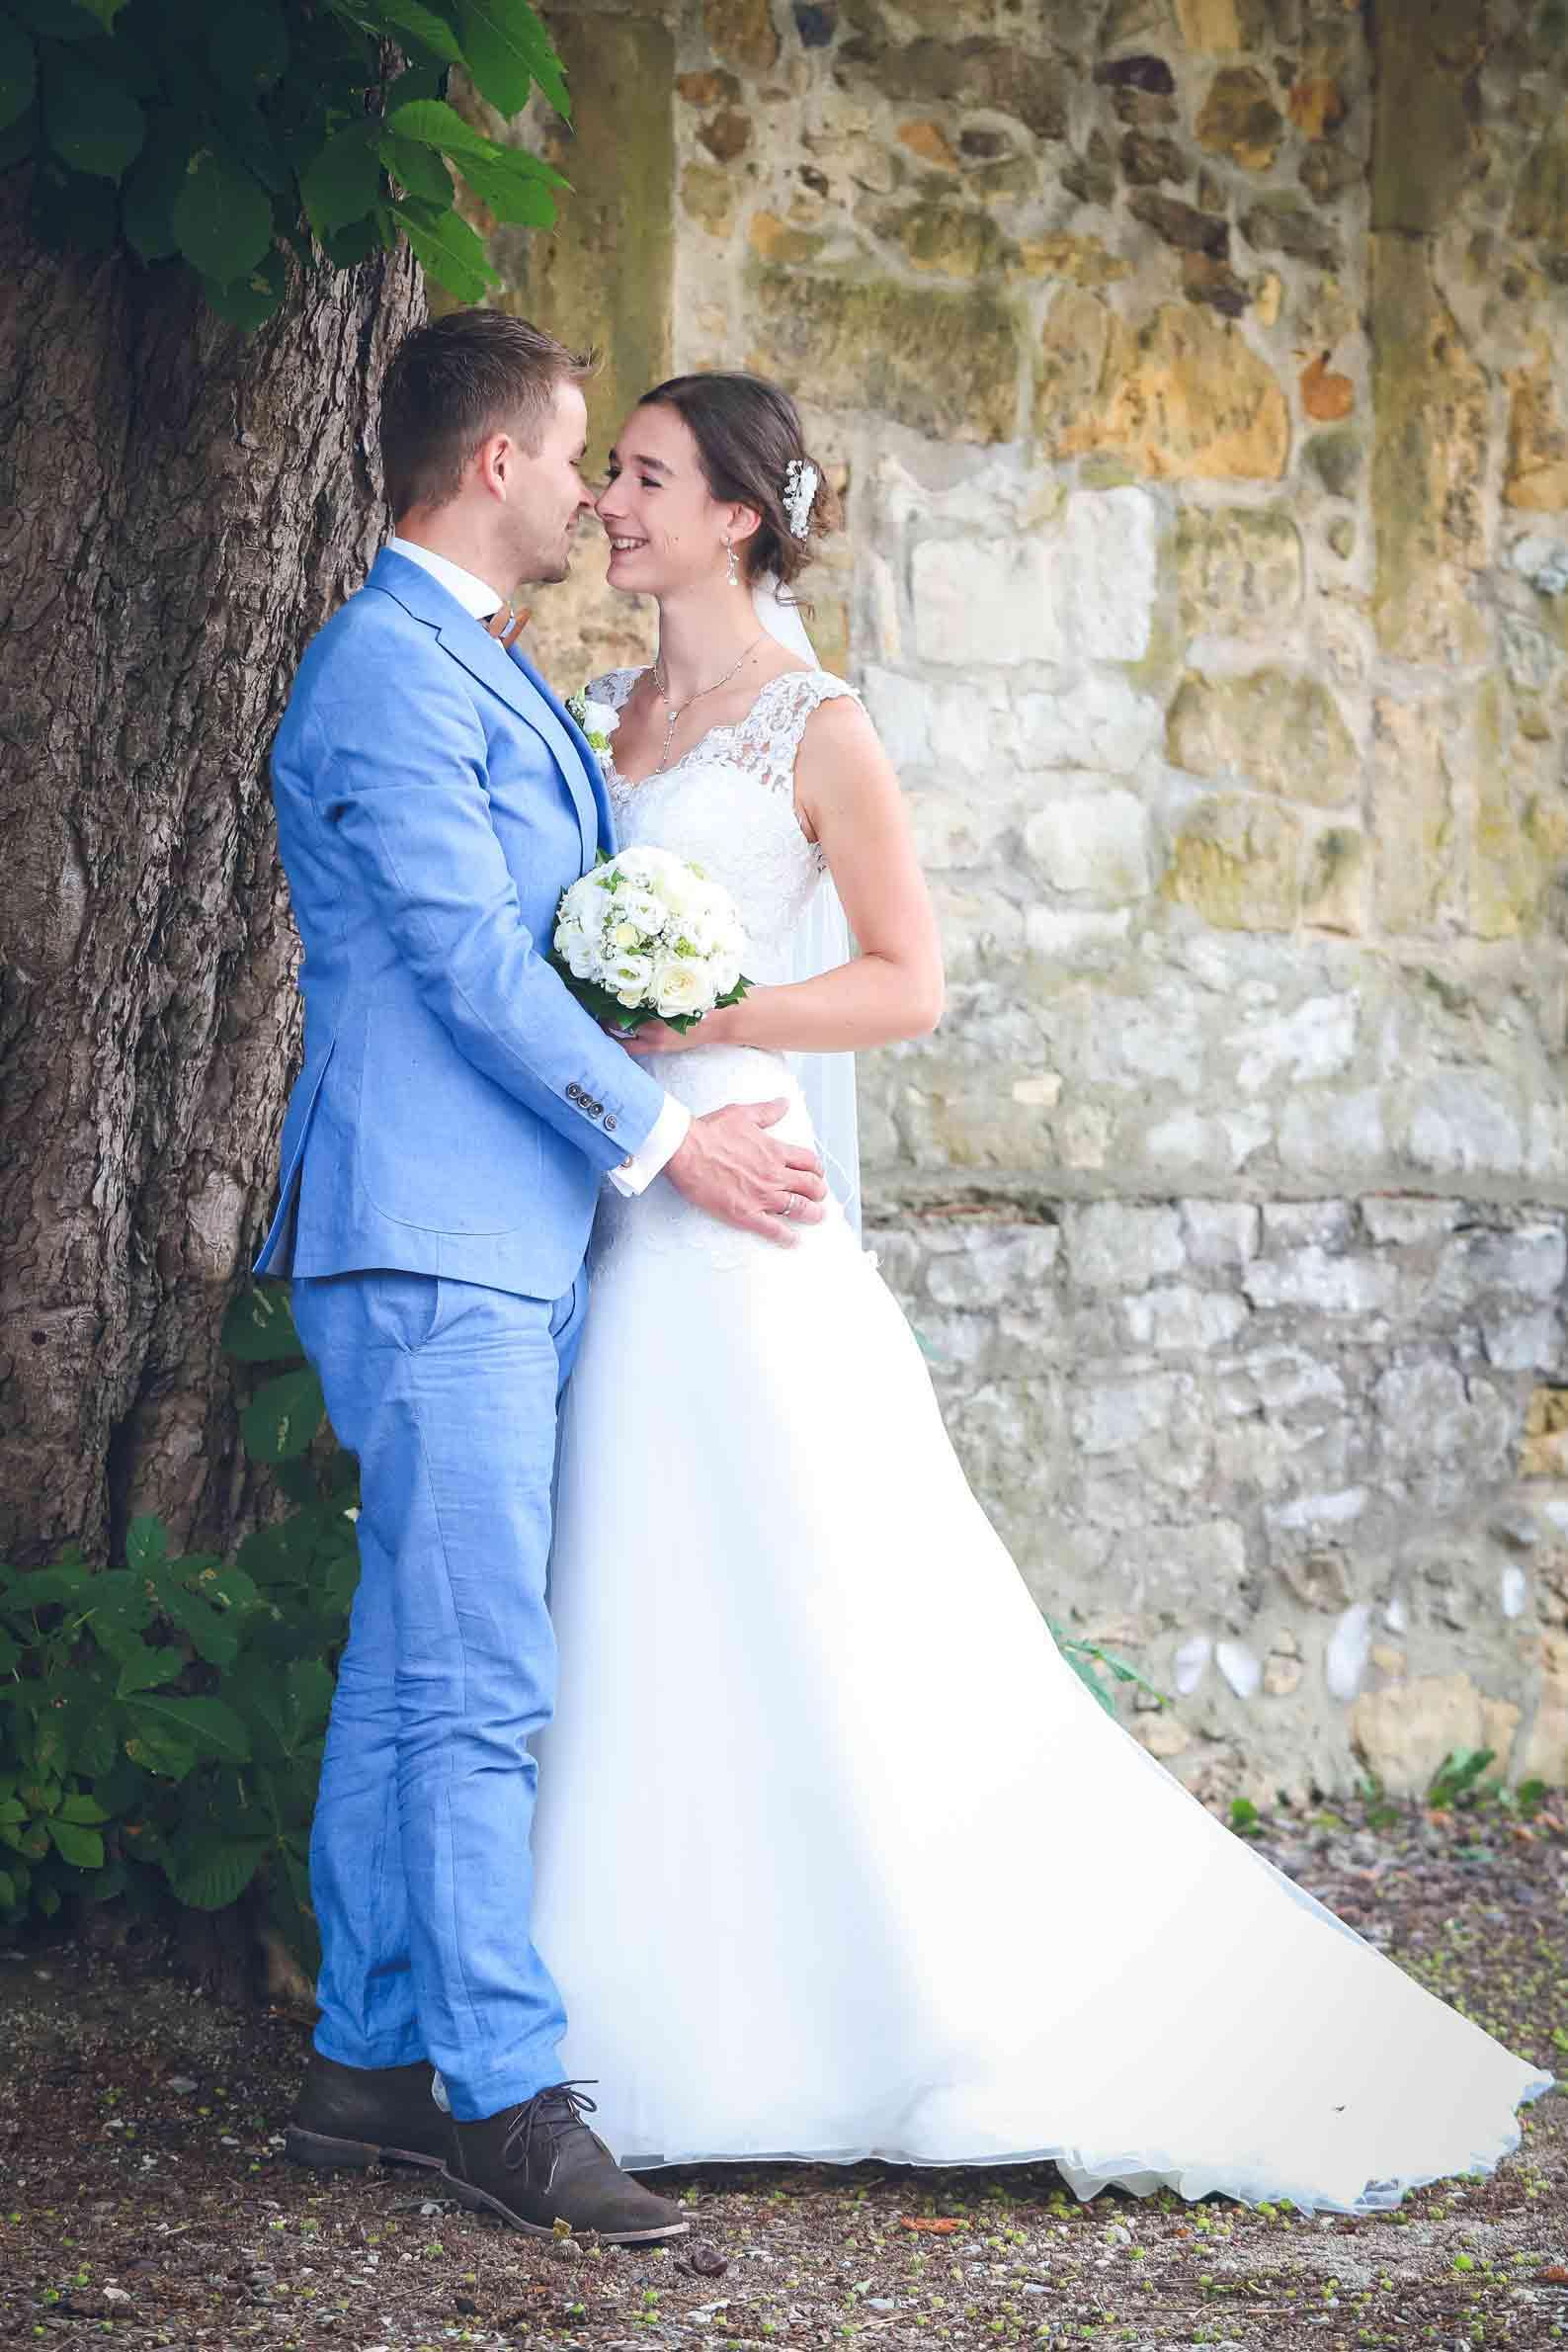 Hochzeit und Paare IMG 8965w